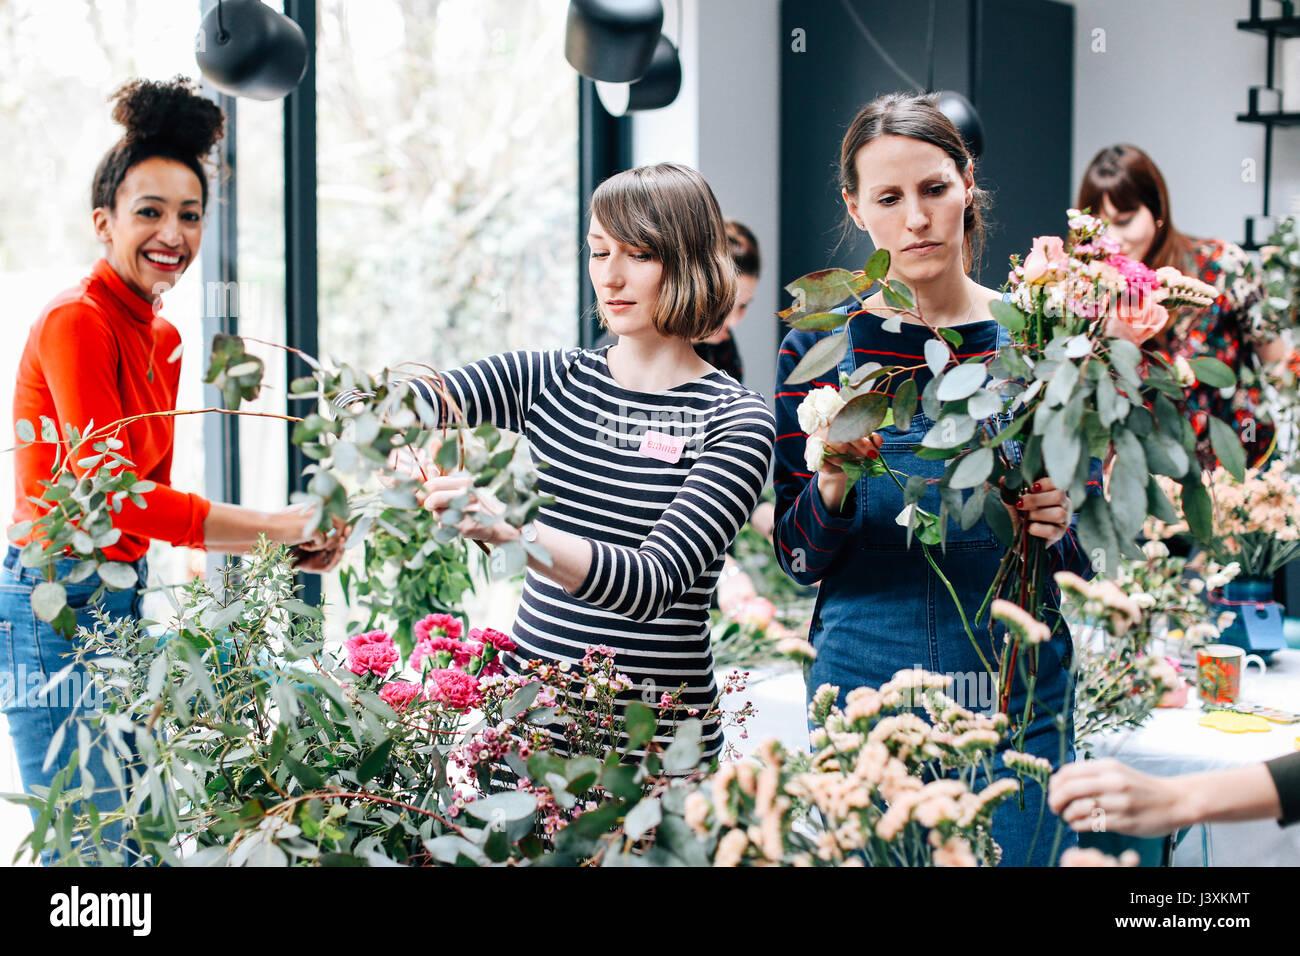 Fioraio studenti selezionando i fiori recisi a decorazione floreale workshop Immagini Stock